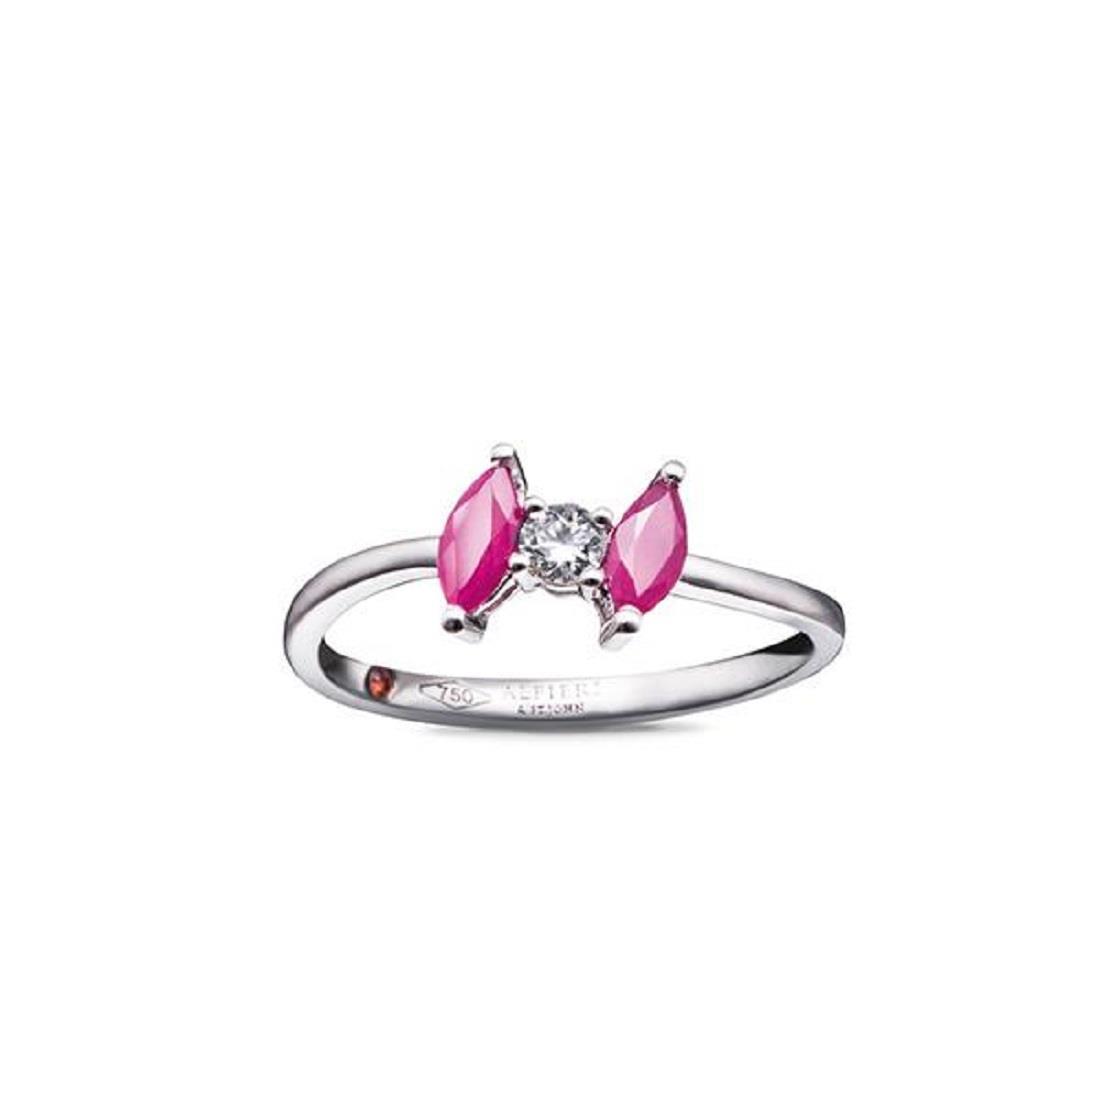 Anello con diamante e rubini ct. 0,32 - ALFIERI & ST. JOHN